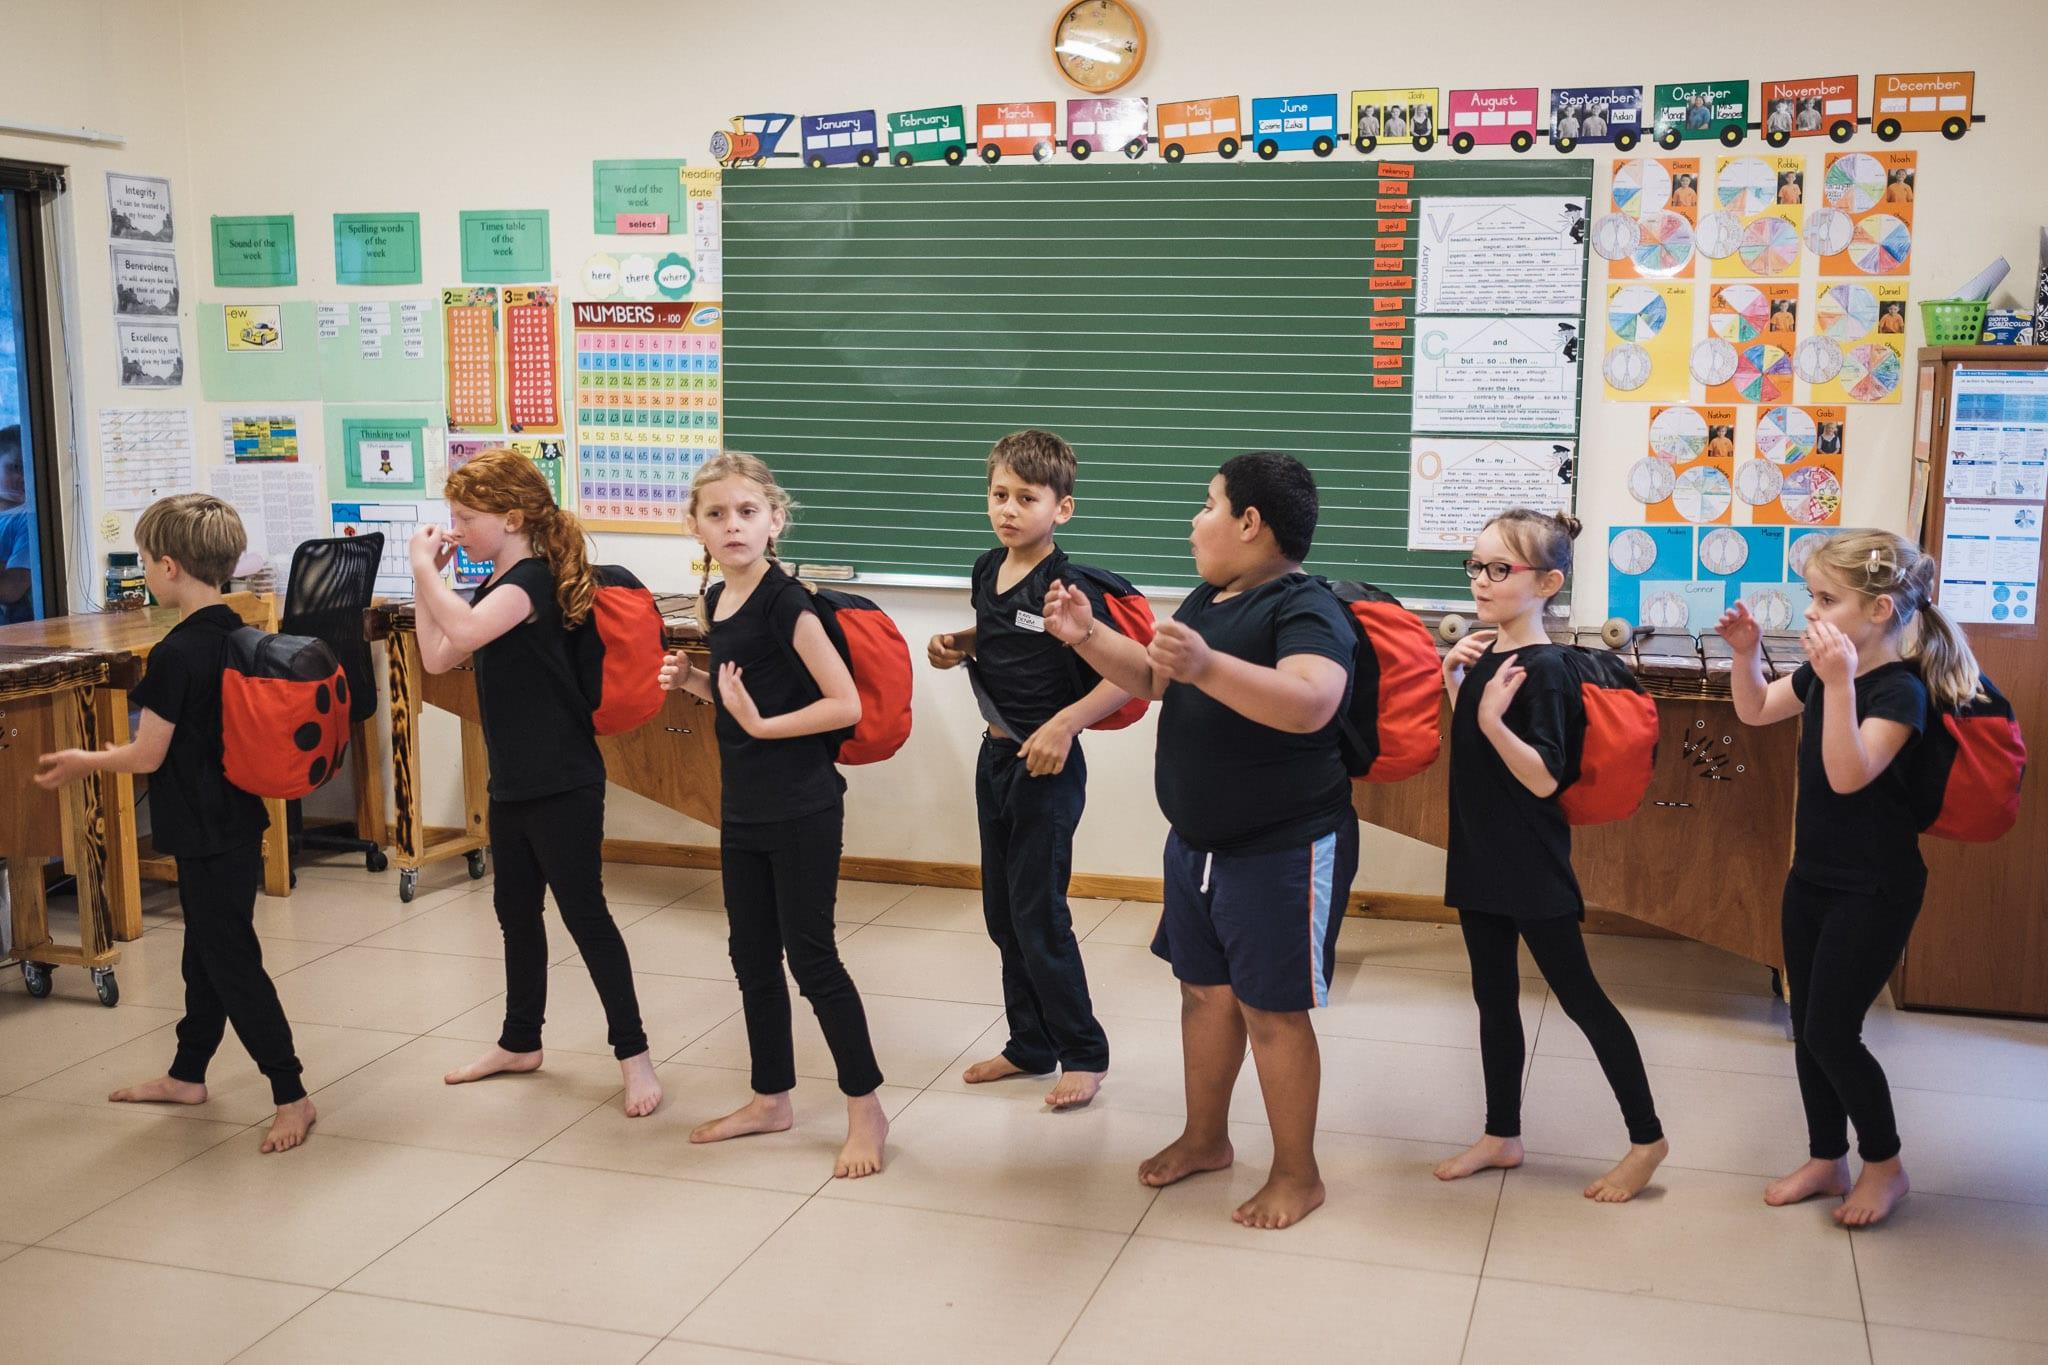 shelanti - remedial school cape town